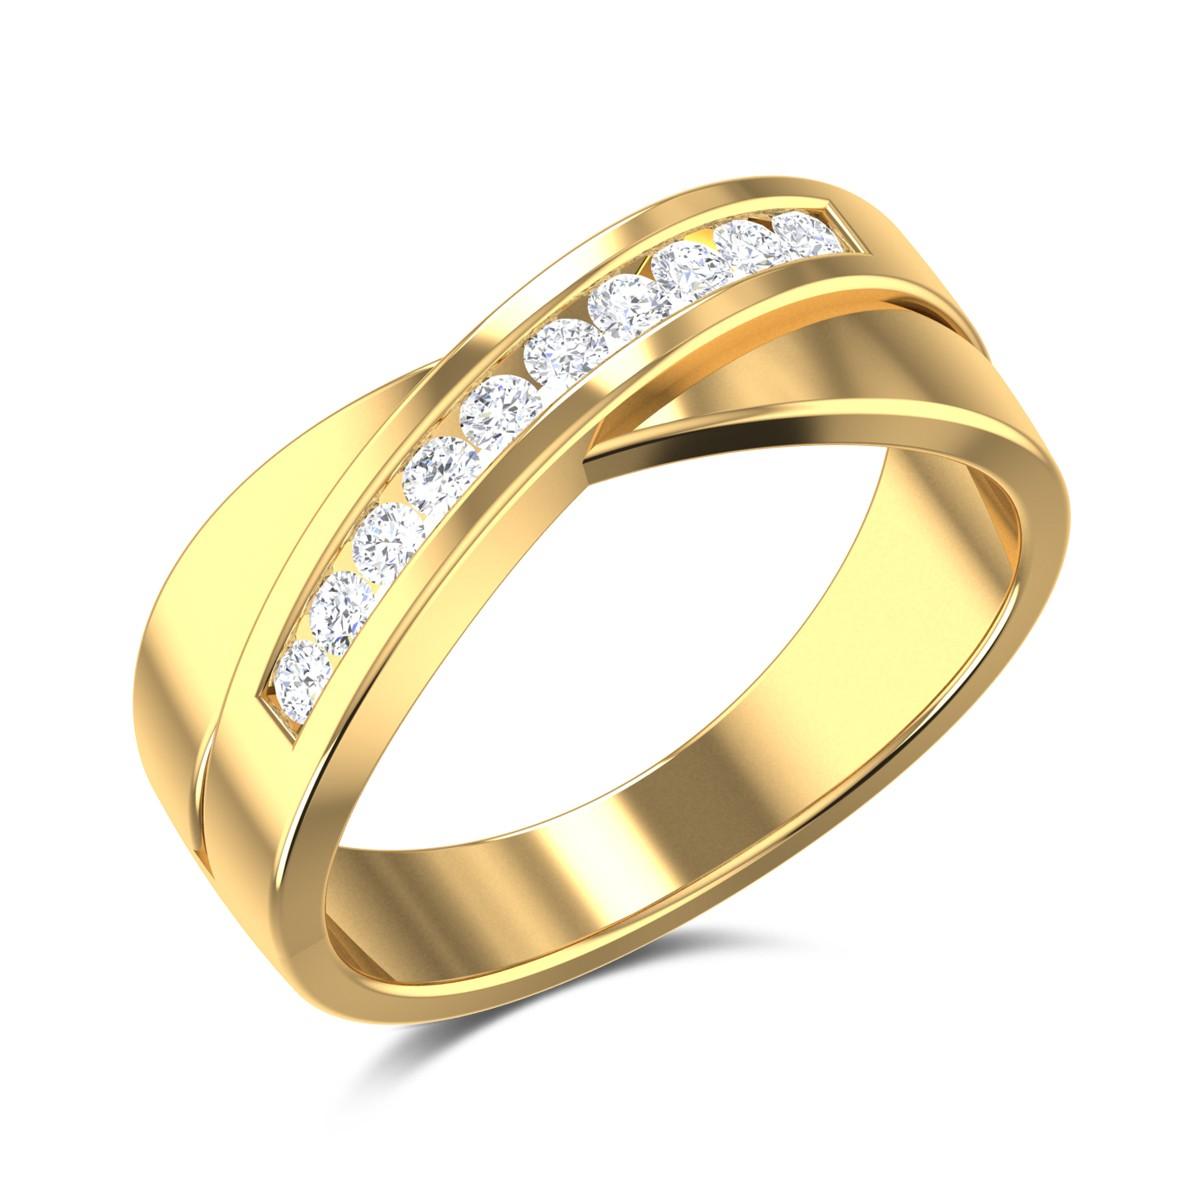 Moira Diamond Ring